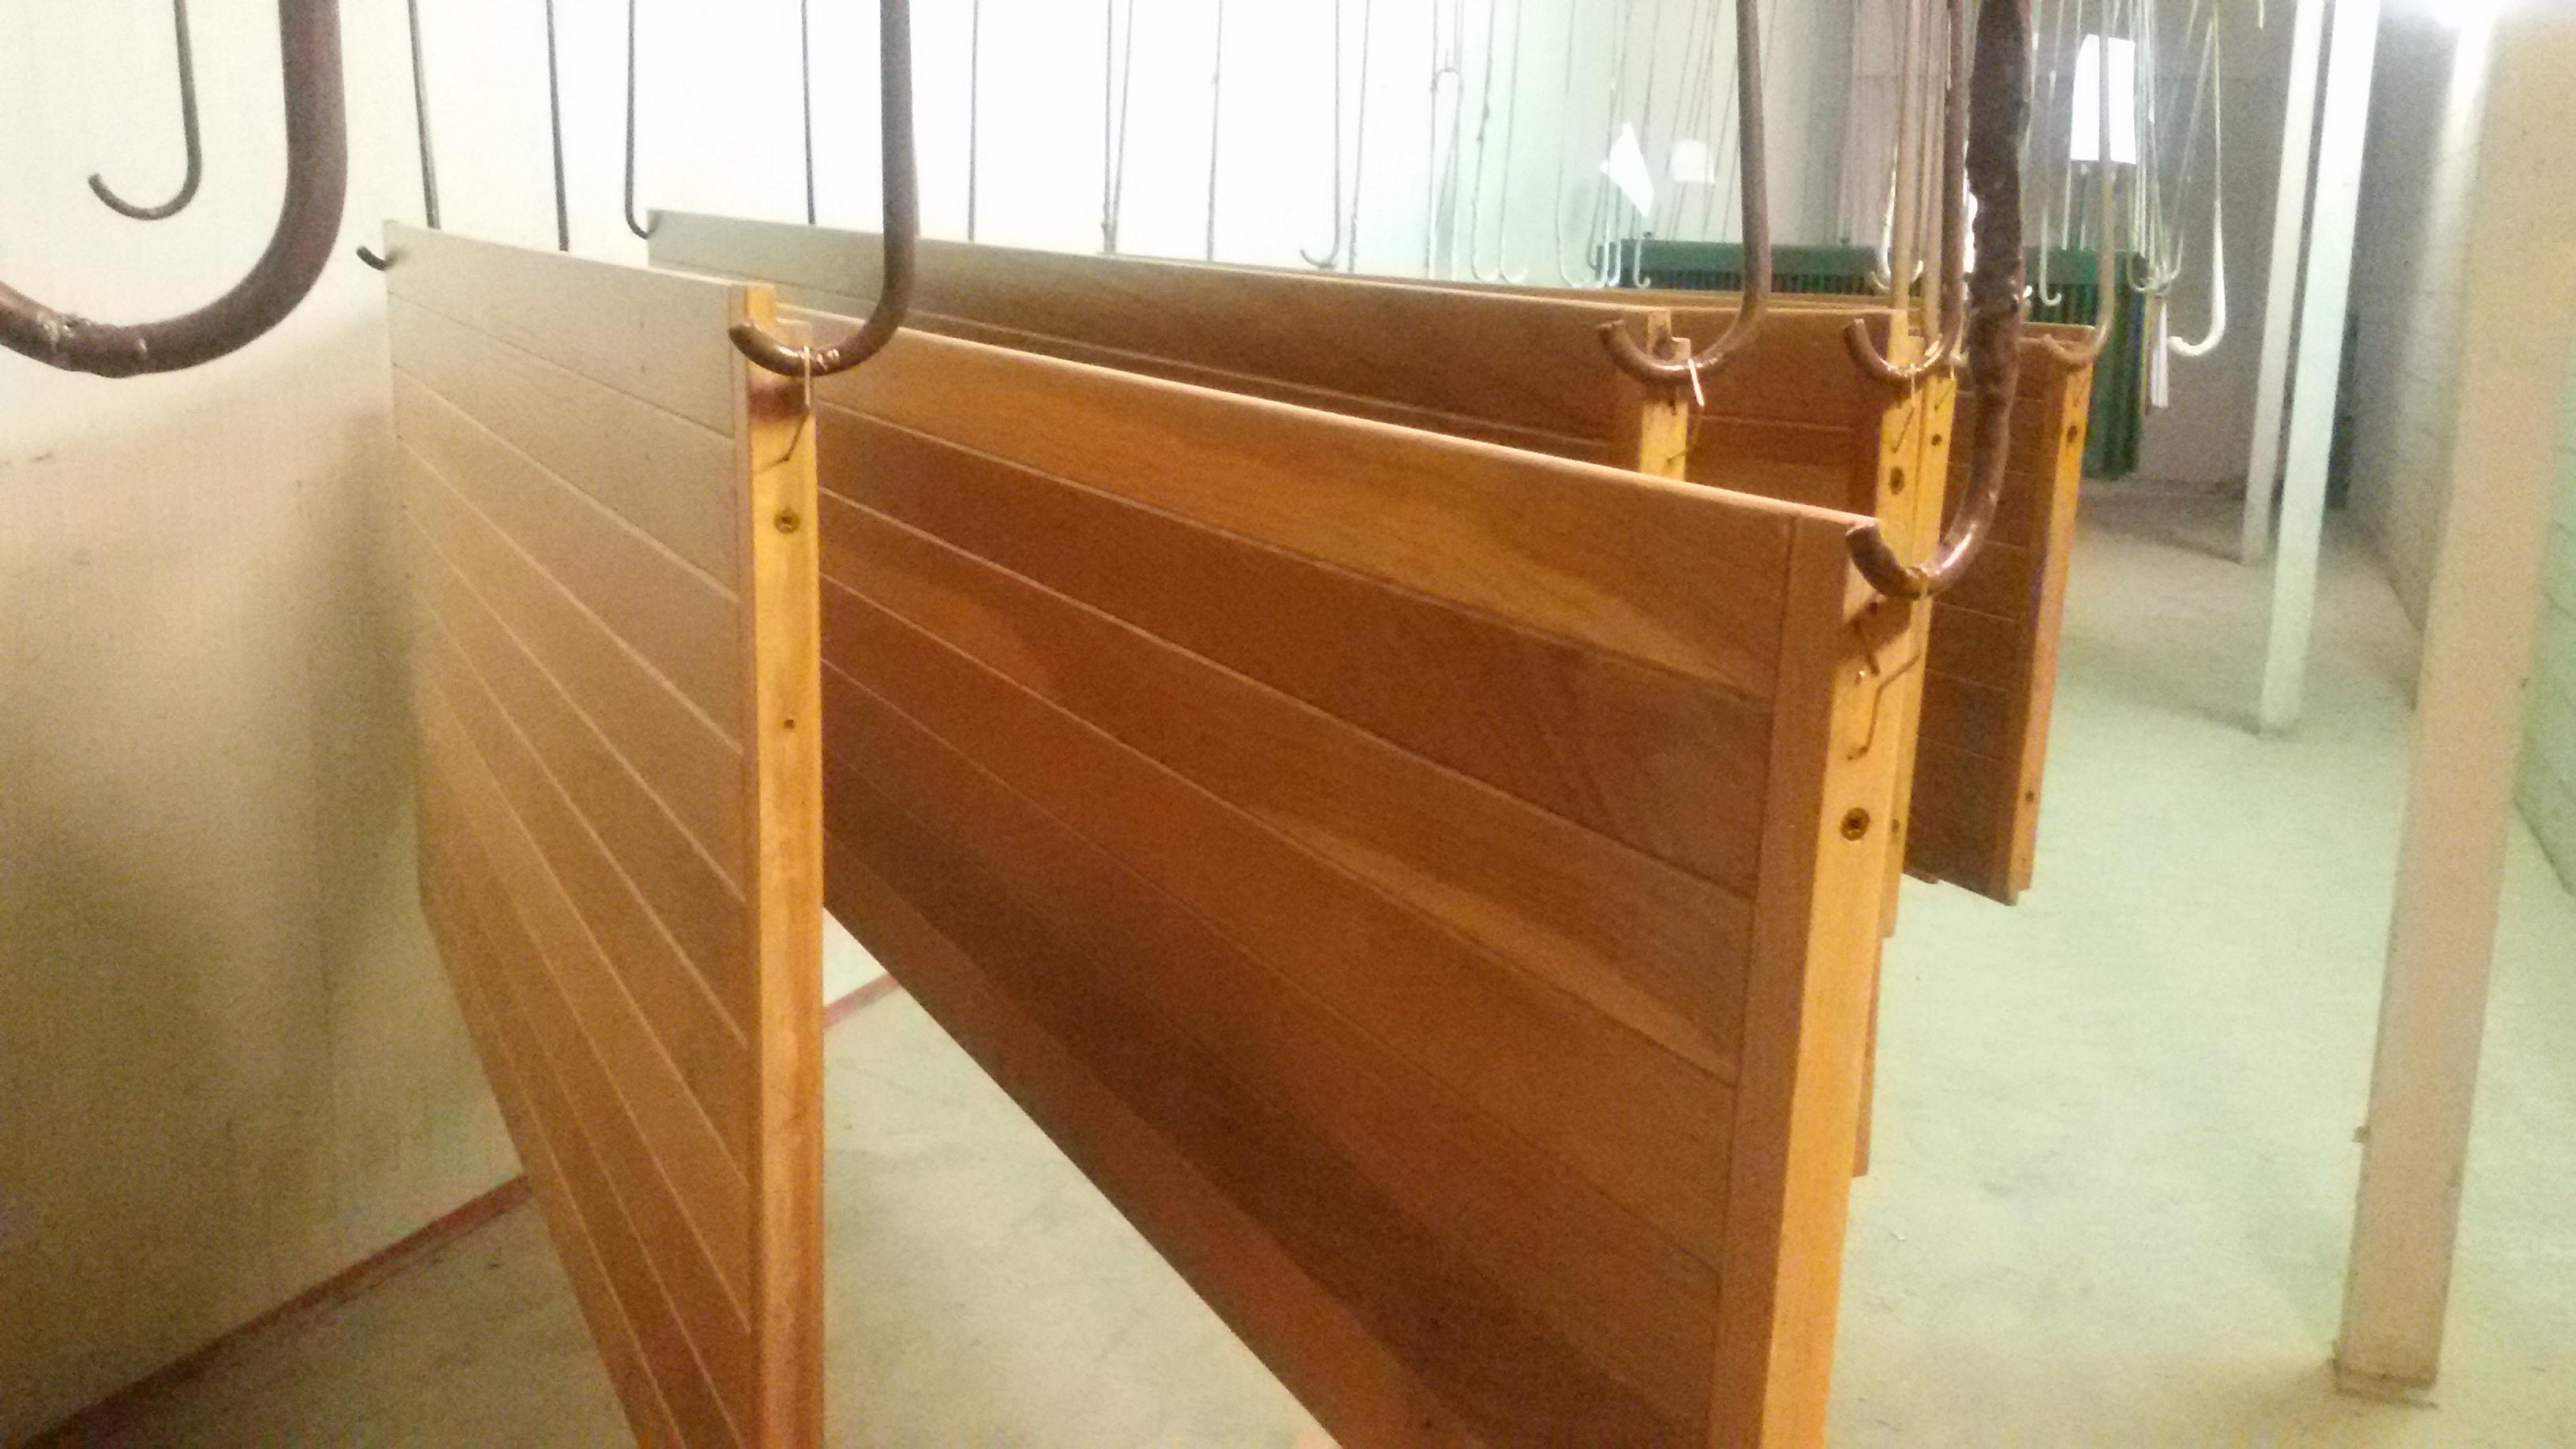 Pulire persiane legno affordable come pulire le persiane e le tapparelle with pulire persiane - Pulire porte legno ...